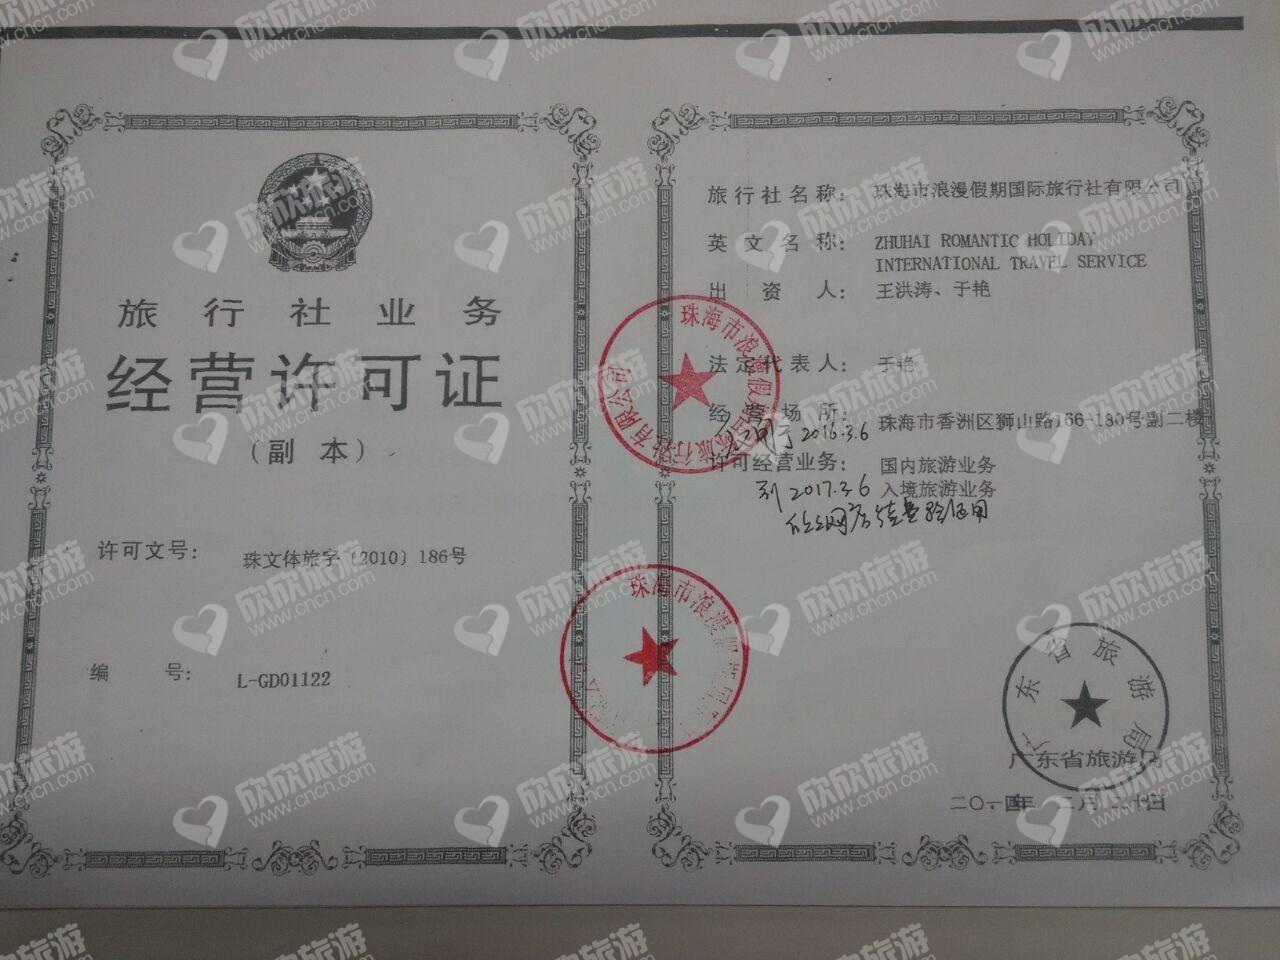 珠海市浪漫假期国际旅行社有限公司经营许可证